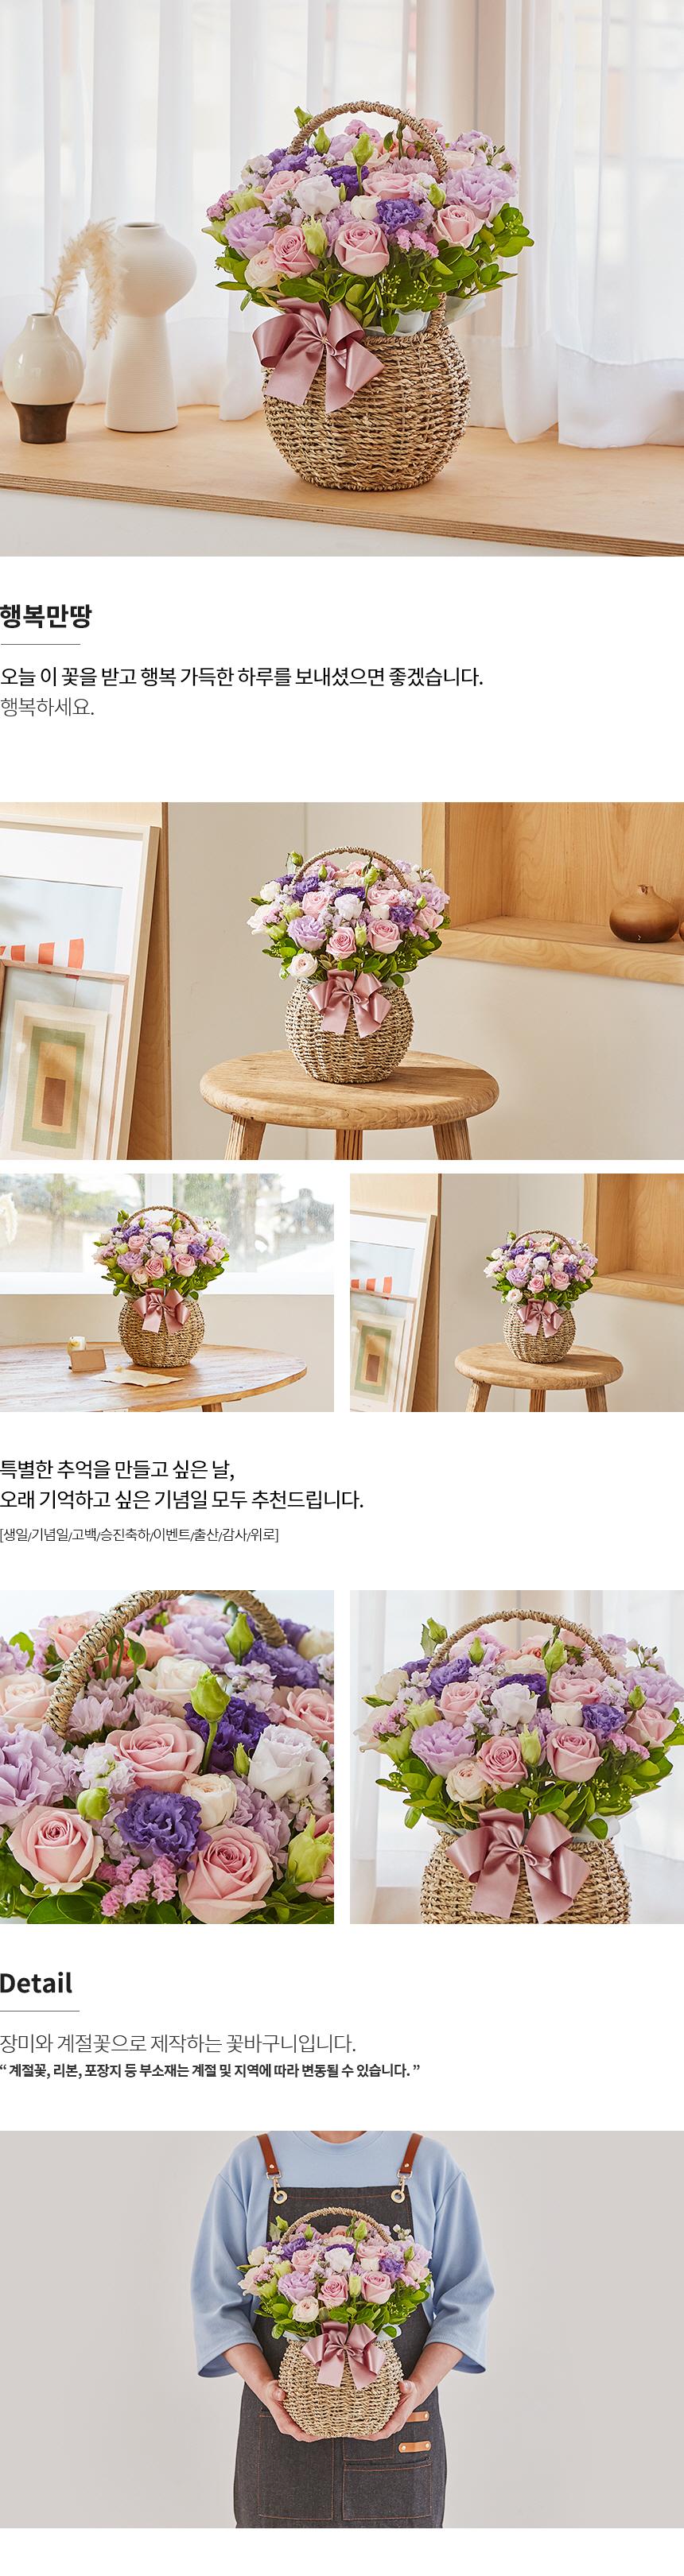 행복만땅+롤케이크